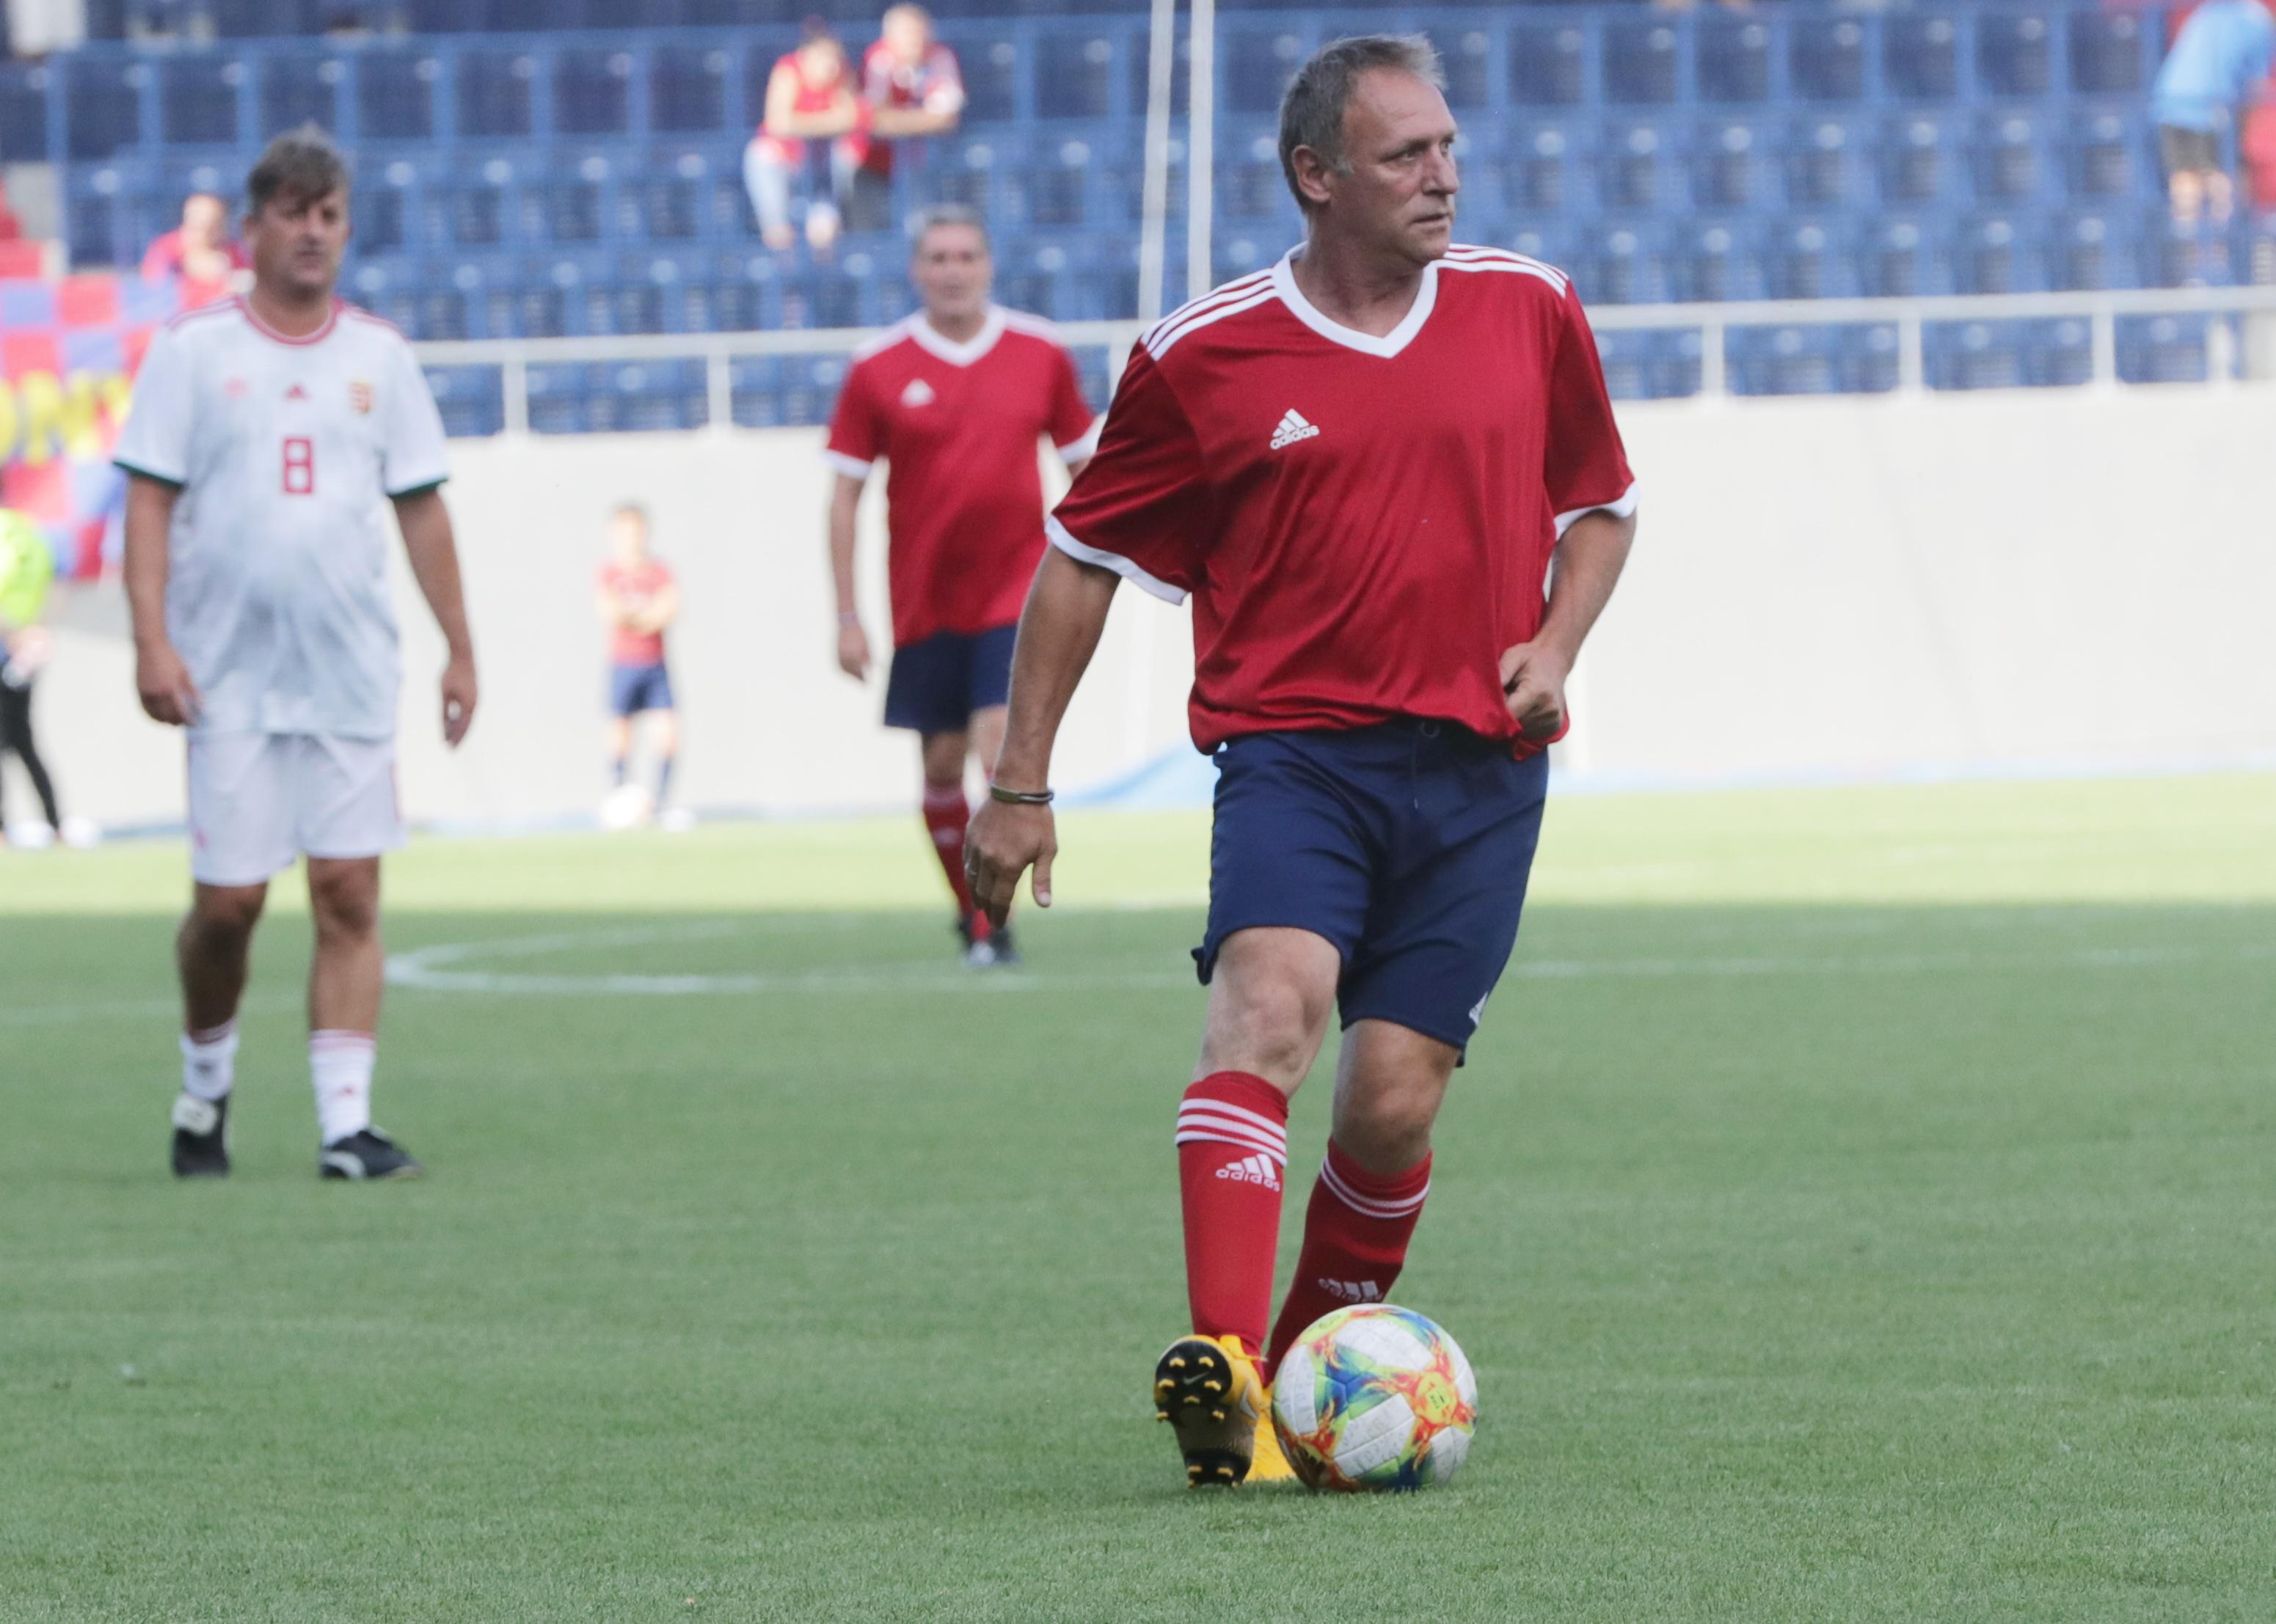 Váczi Zoltán (jobbra) a Vasassal és a Békéscsabával is bronzérmes volt az NB I-ben. Volt az év focistája is / Fotó: Grnák László